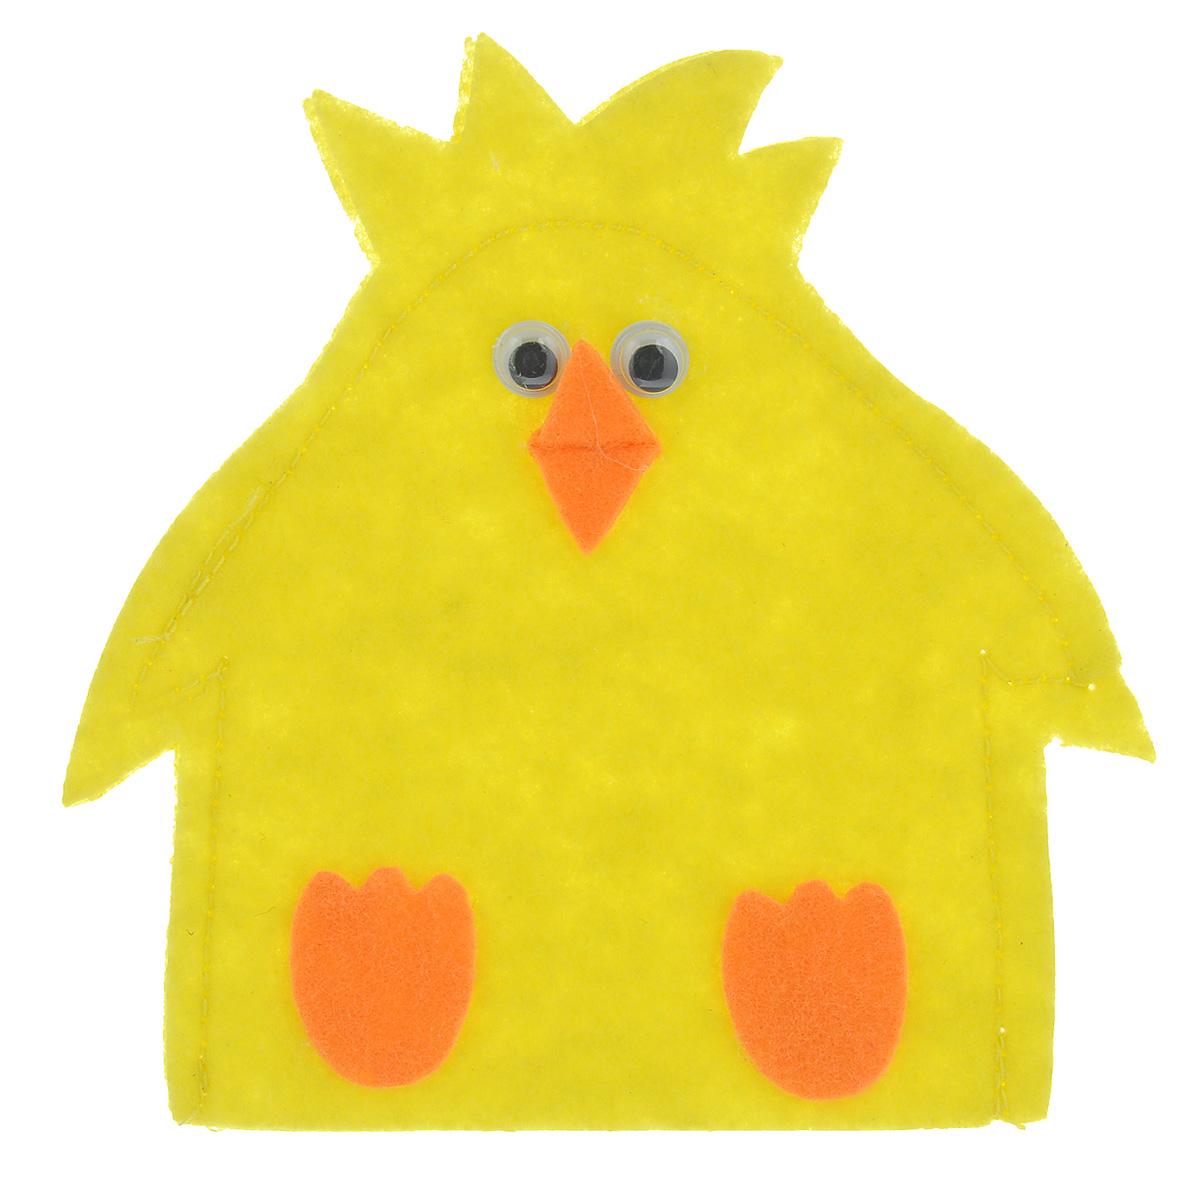 Грелка для яйца Home Queen Цыпленок, цвет: желтый, 11,5 х 11,5 см64520_4Грелка для яйца Home Queen Цыпленок изготовлена из фетра. Изделие выполнено в виде забавного цыпленка. Мягкая и приятная на ощупь, грелка внесет частичку тепла и веселья в ваш дом, а также станет замечательным подарком для друзей и близких. Размер: 11,5 см х 11,5 см.